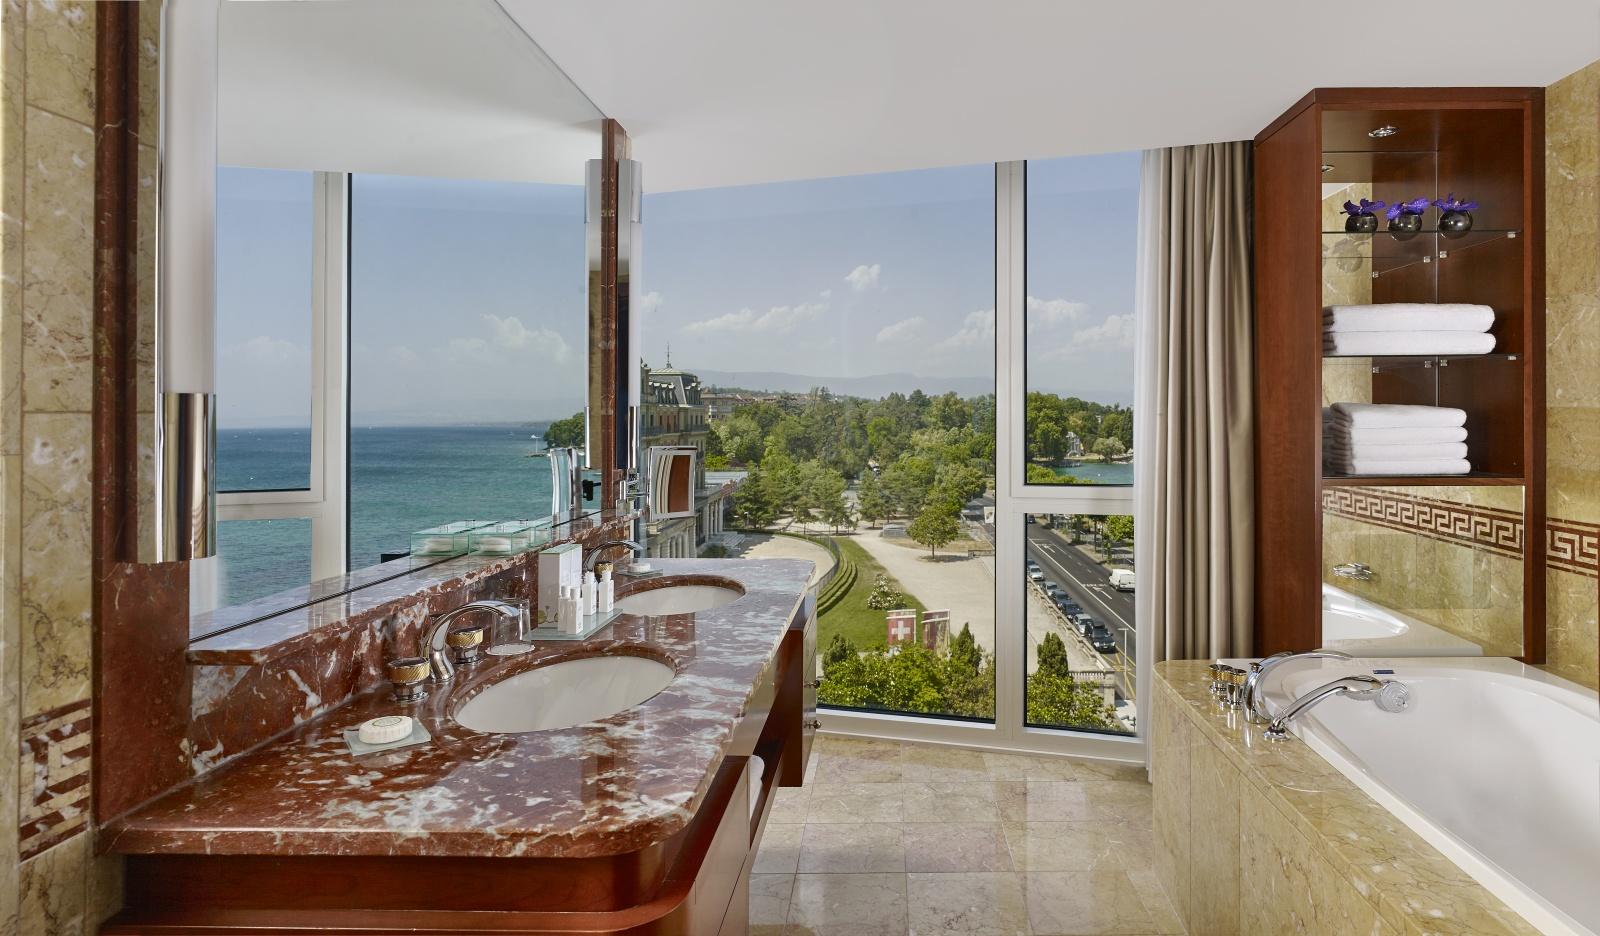 Hotel president wilson geneva splendid views on lake geneva for Royal penthouse suite hotel president wilson